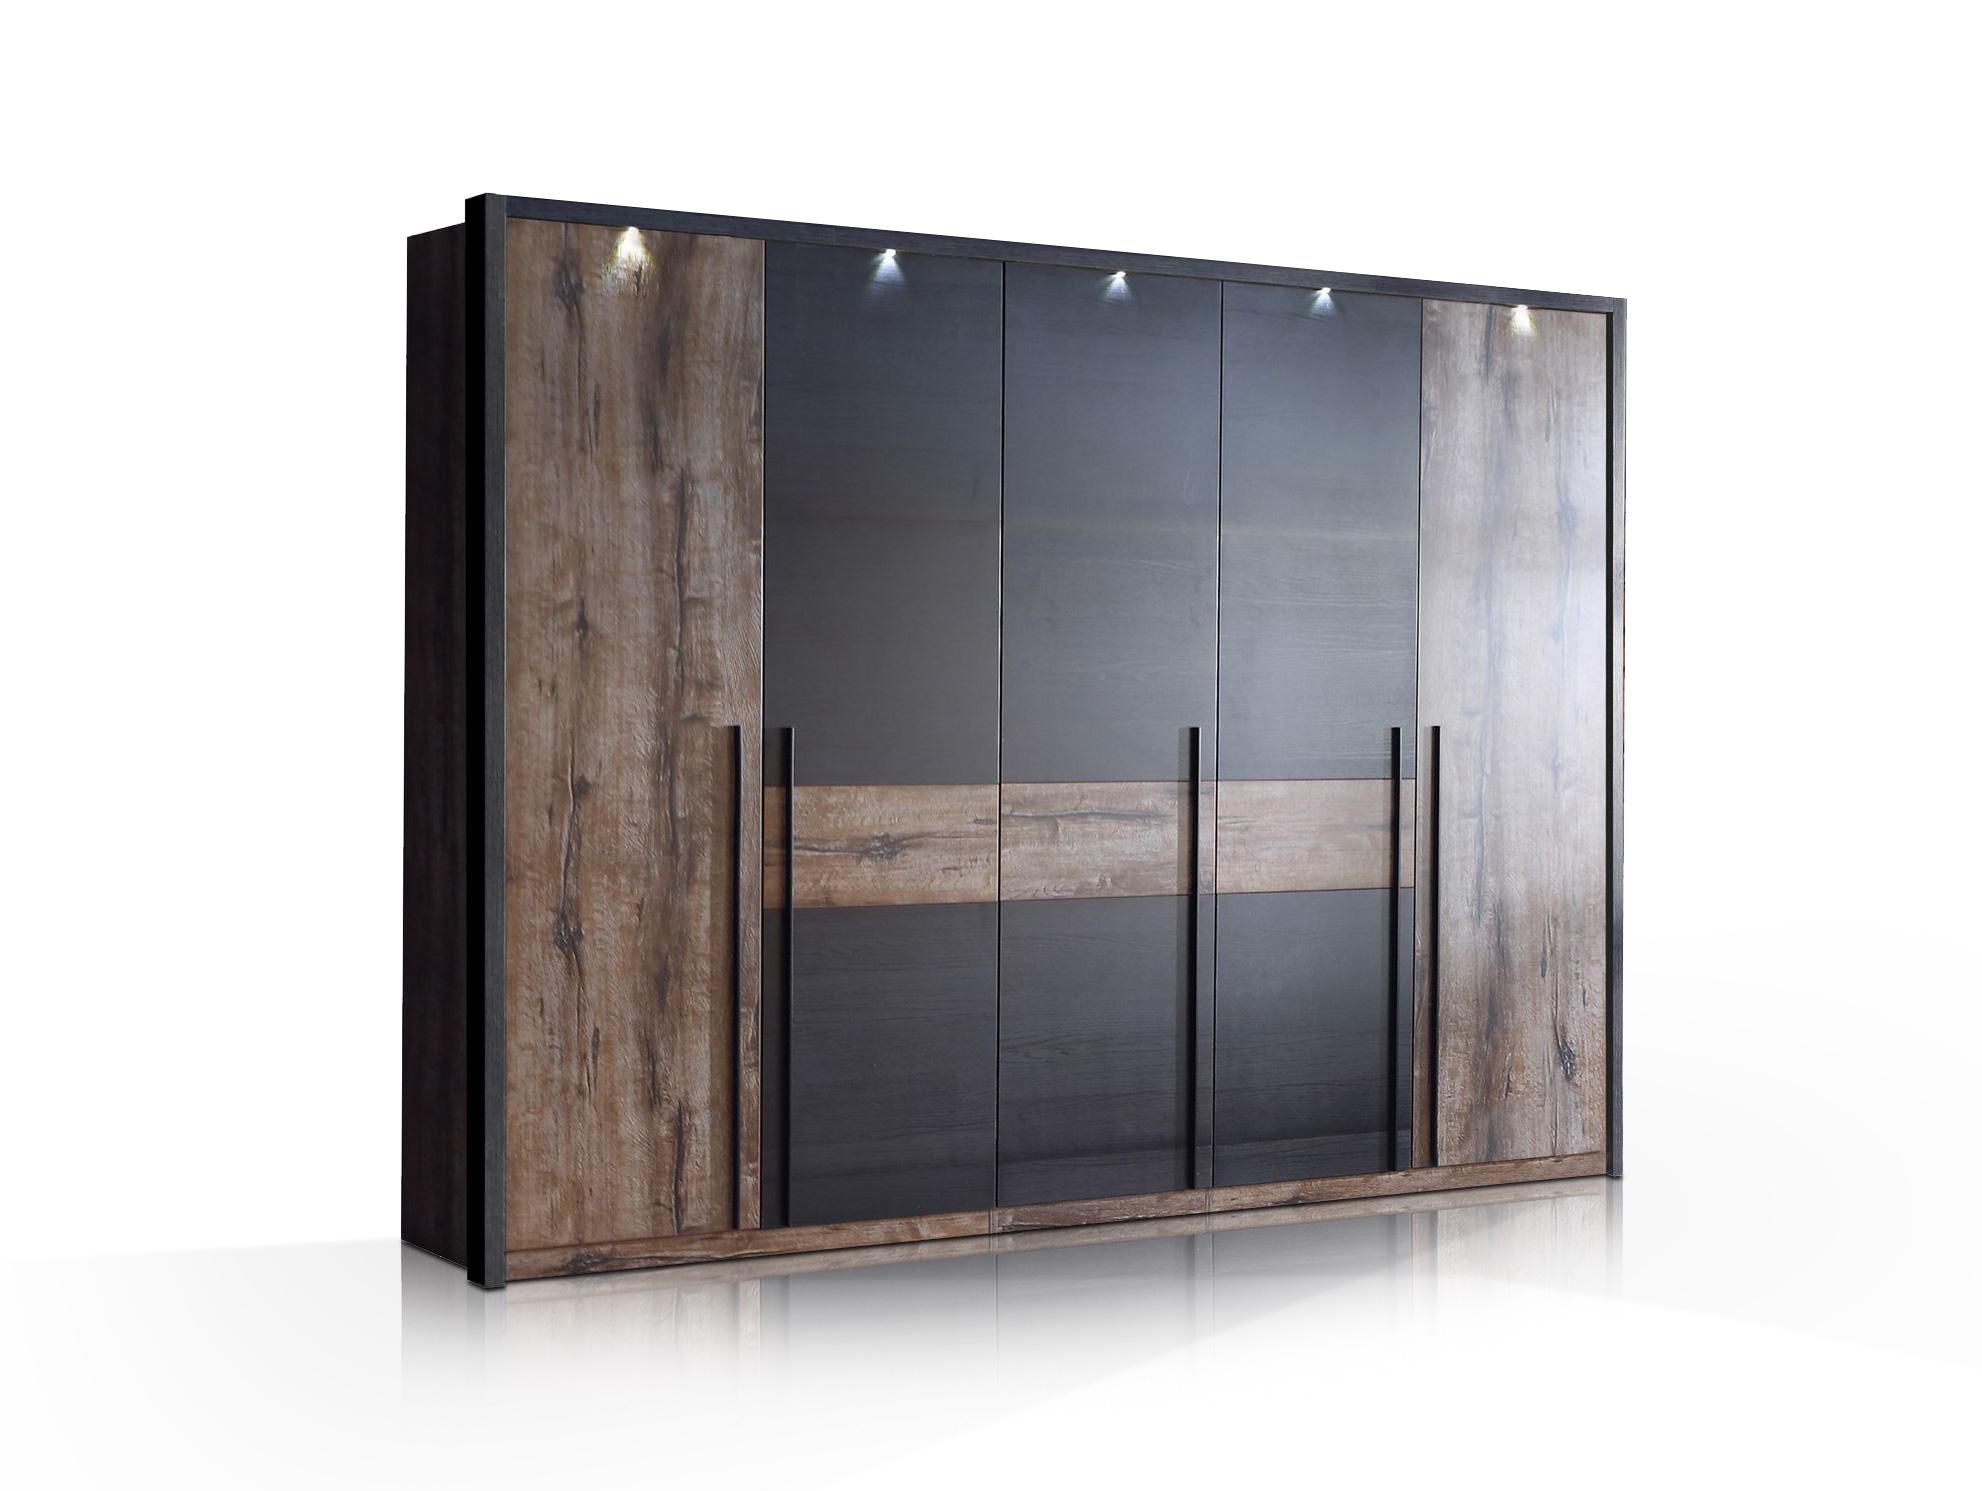 berlin kleiderschrank schlammeiche schwarzeiche. Black Bedroom Furniture Sets. Home Design Ideas